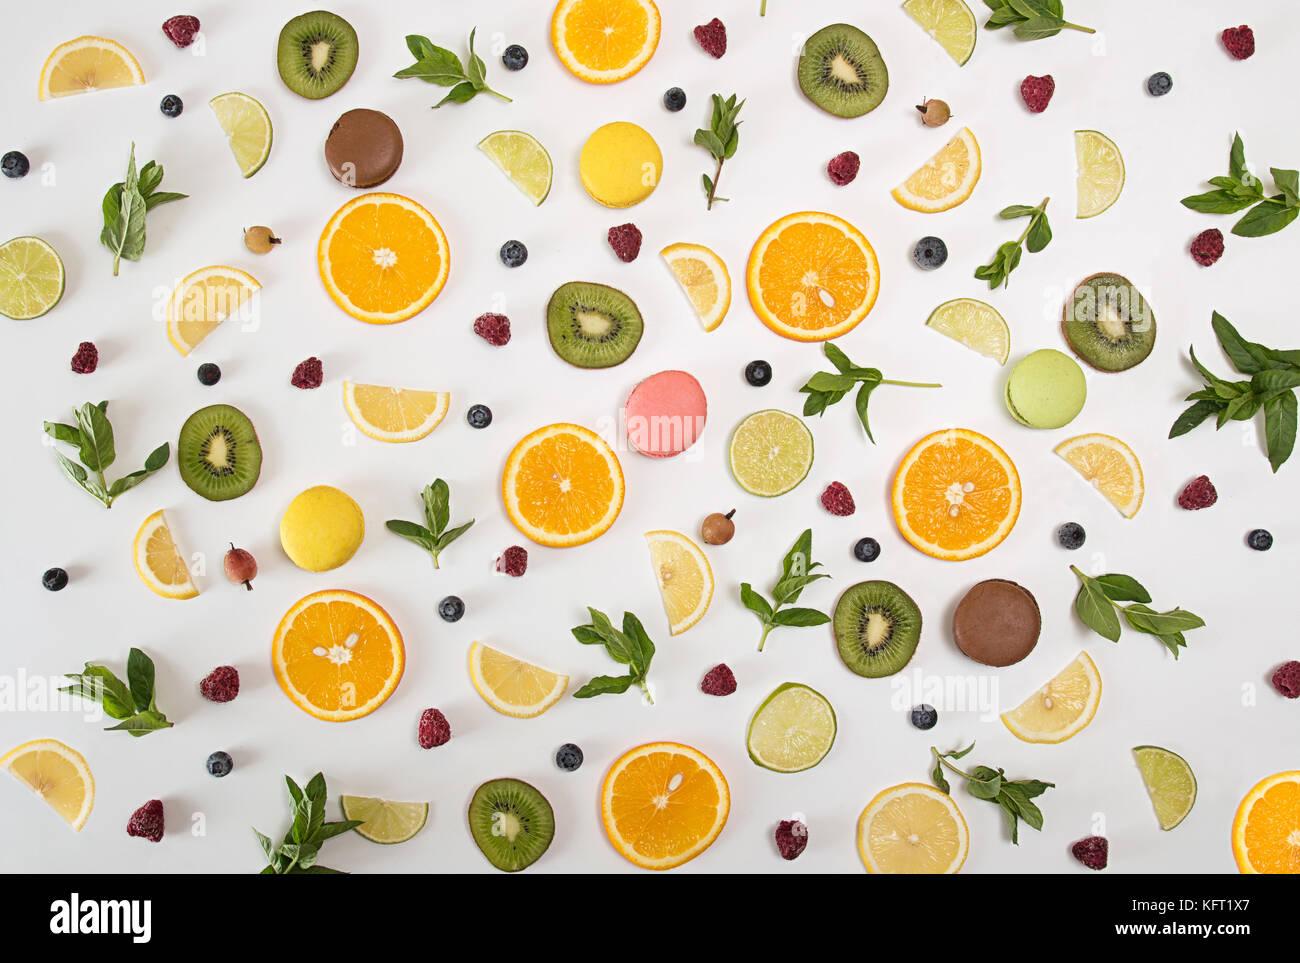 Mise à plat de la vie toujours avec ses macarons, fruits rouges, menthe et agrumes et autres fruits: Photo Stock